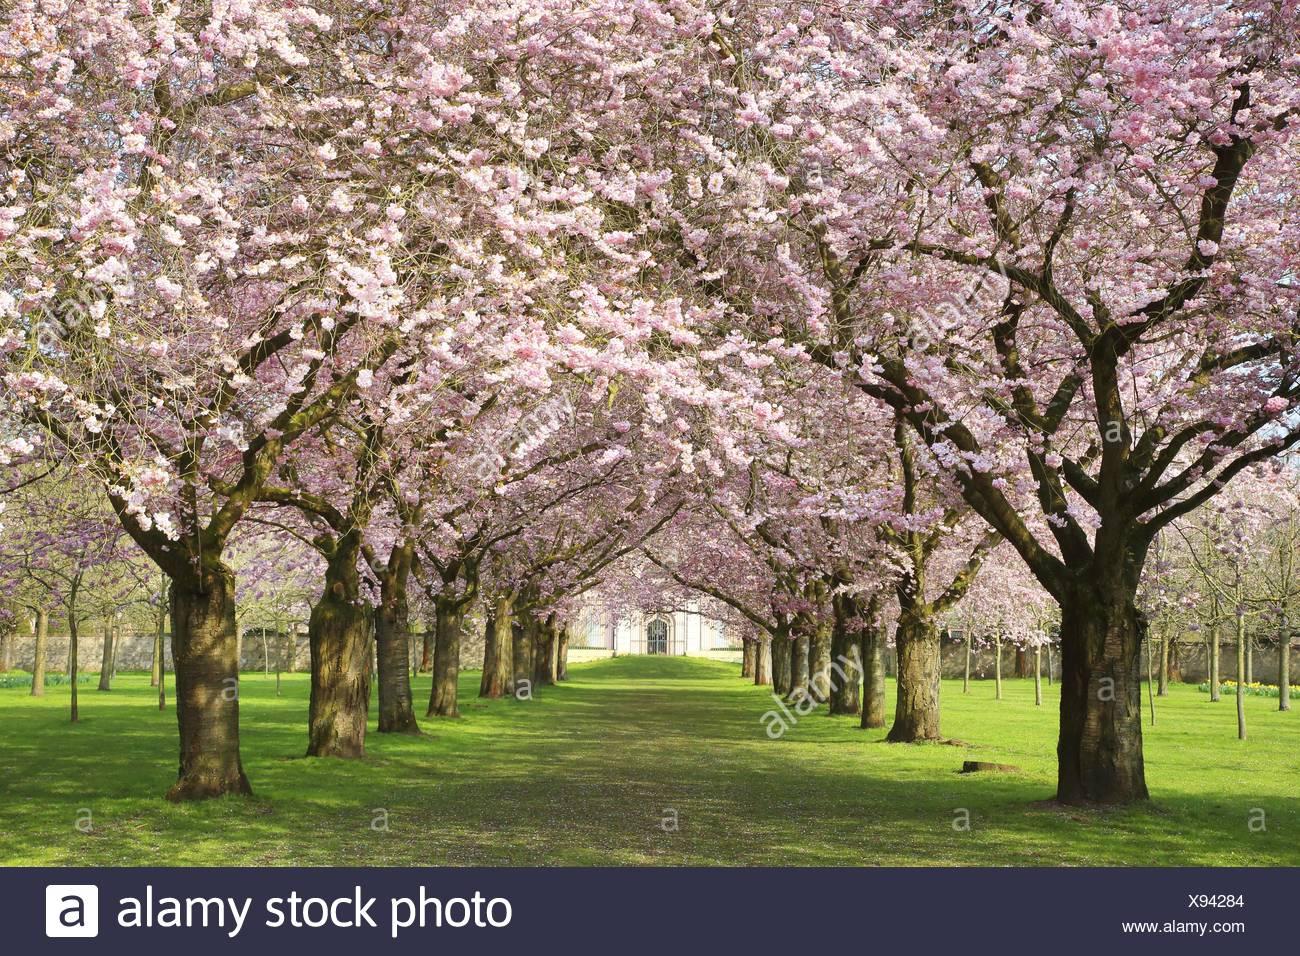 oriental cherry (Prunus serrulata), flowering oriental cherry alley at Schwetzingen Palace, Germany, Baden-Wuerttemberg - Stock Image